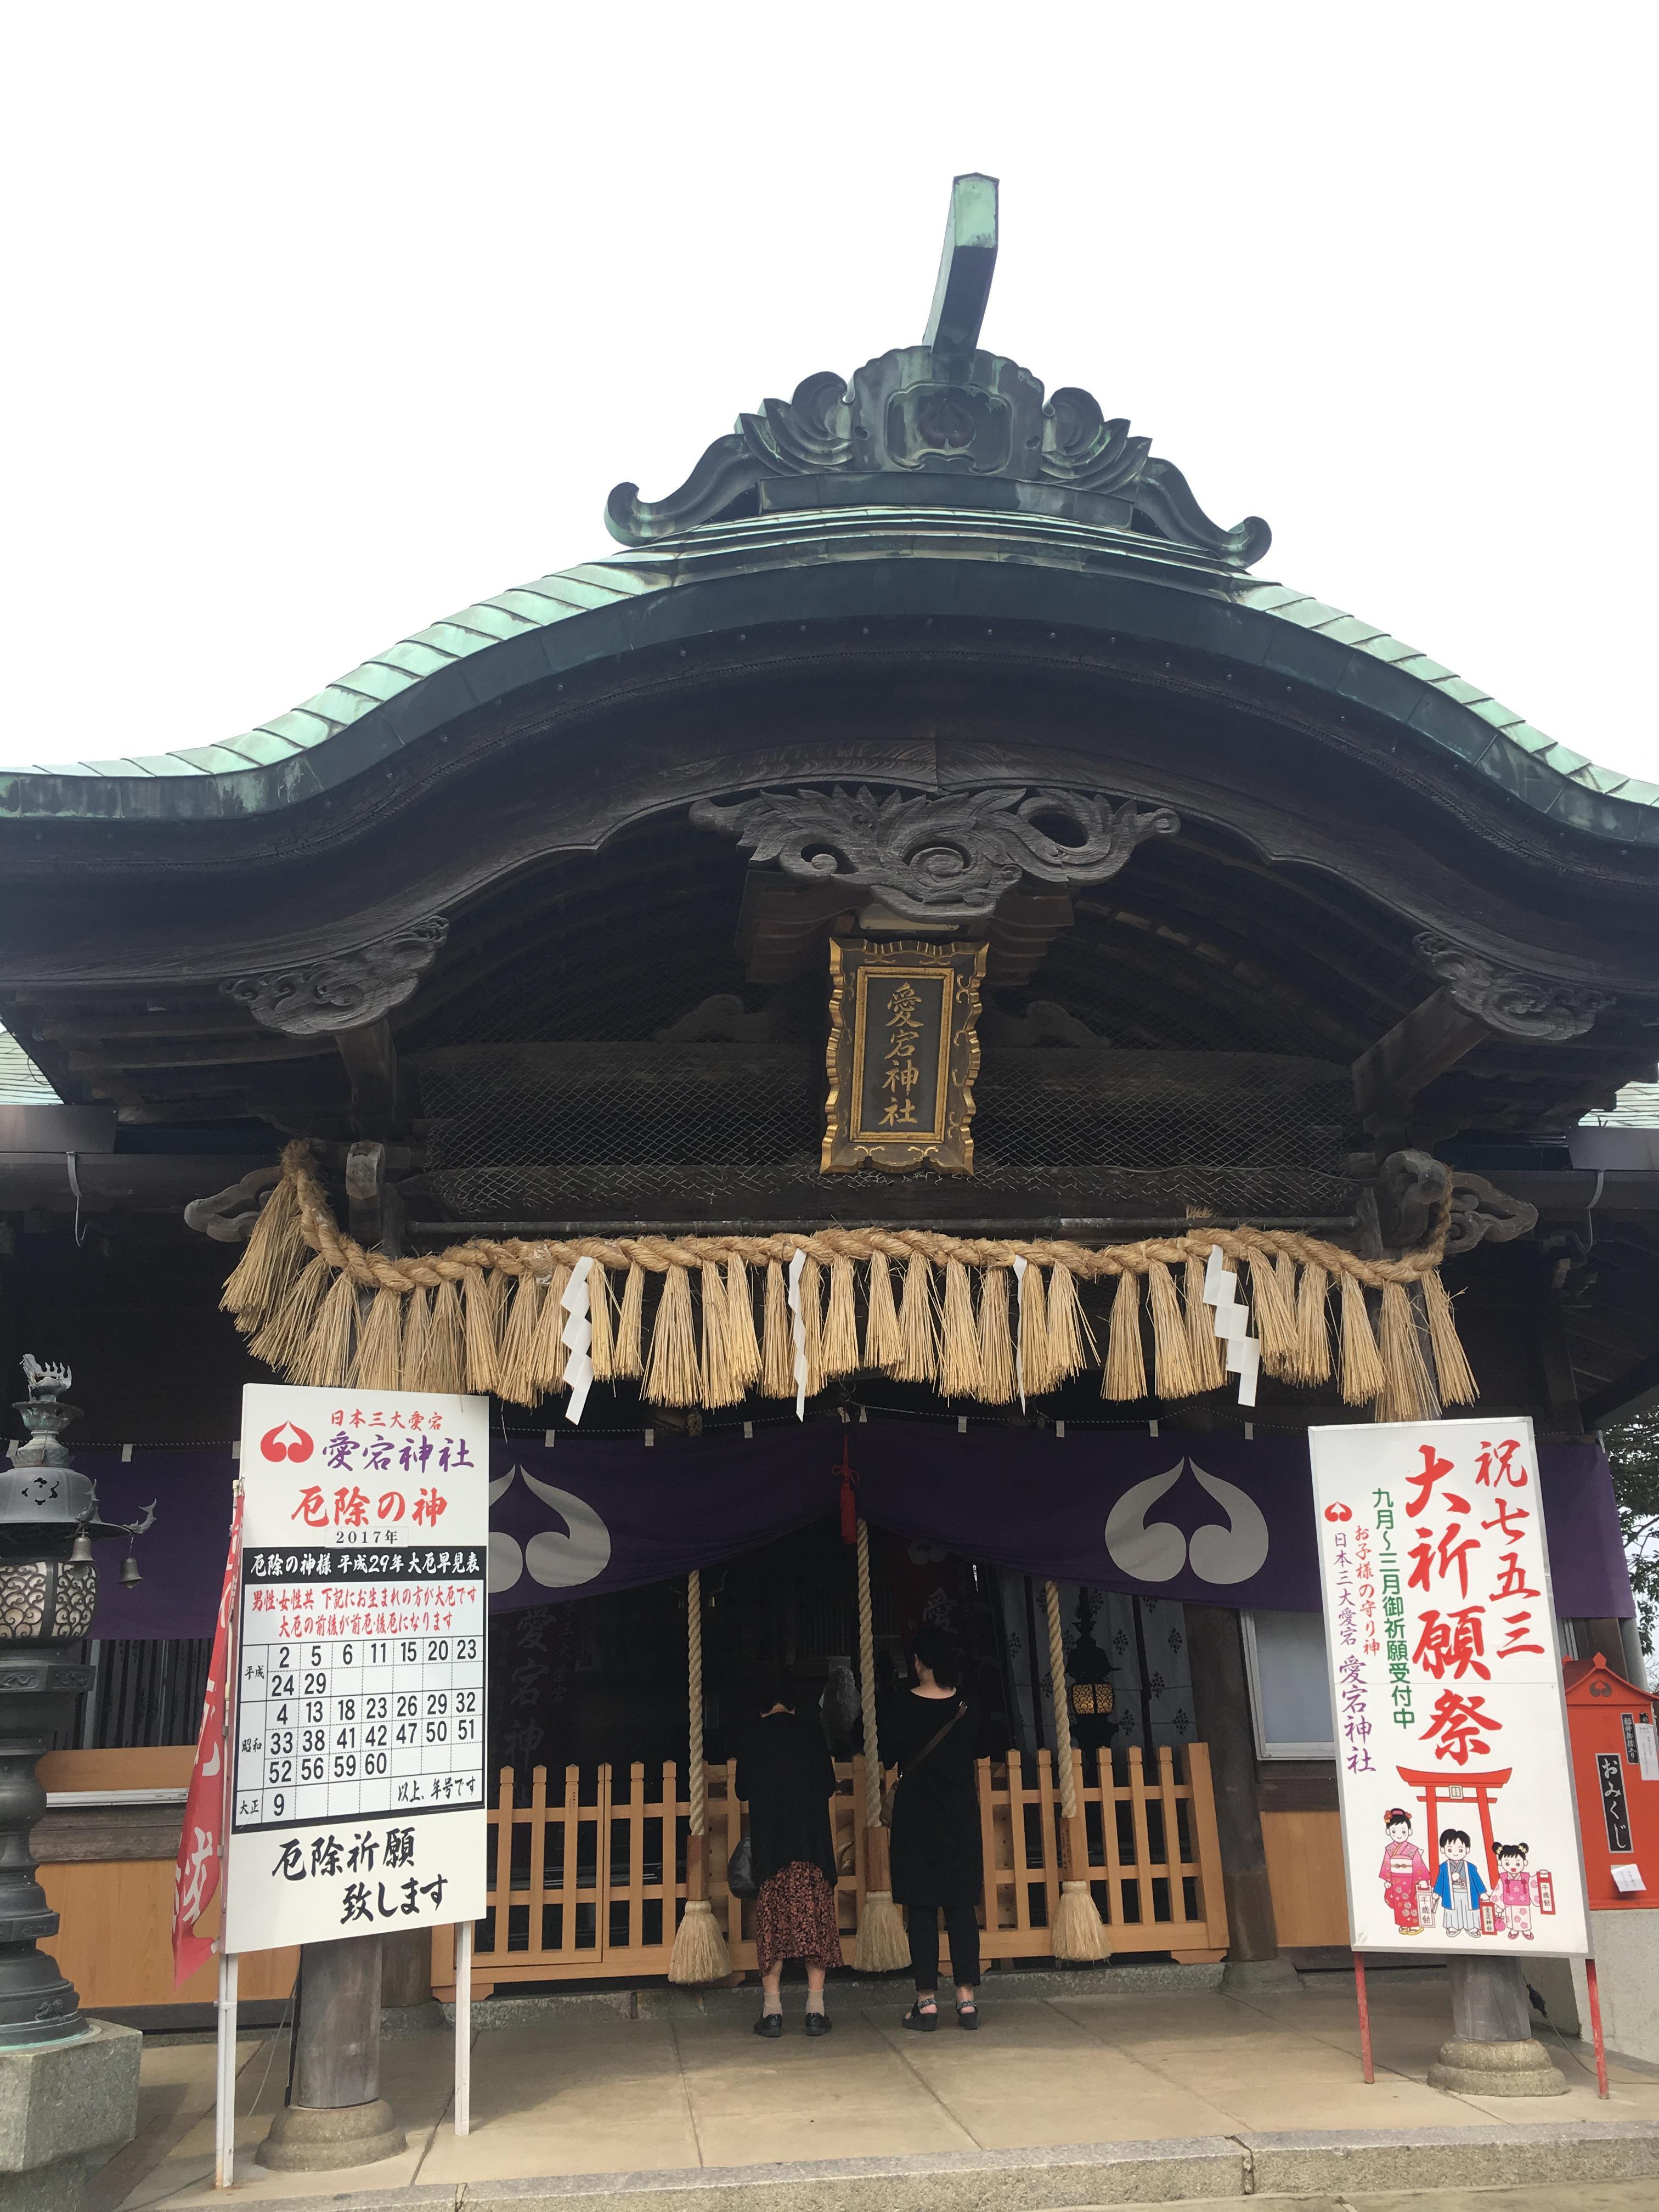 鷲尾愛宕神社の境内・文化財